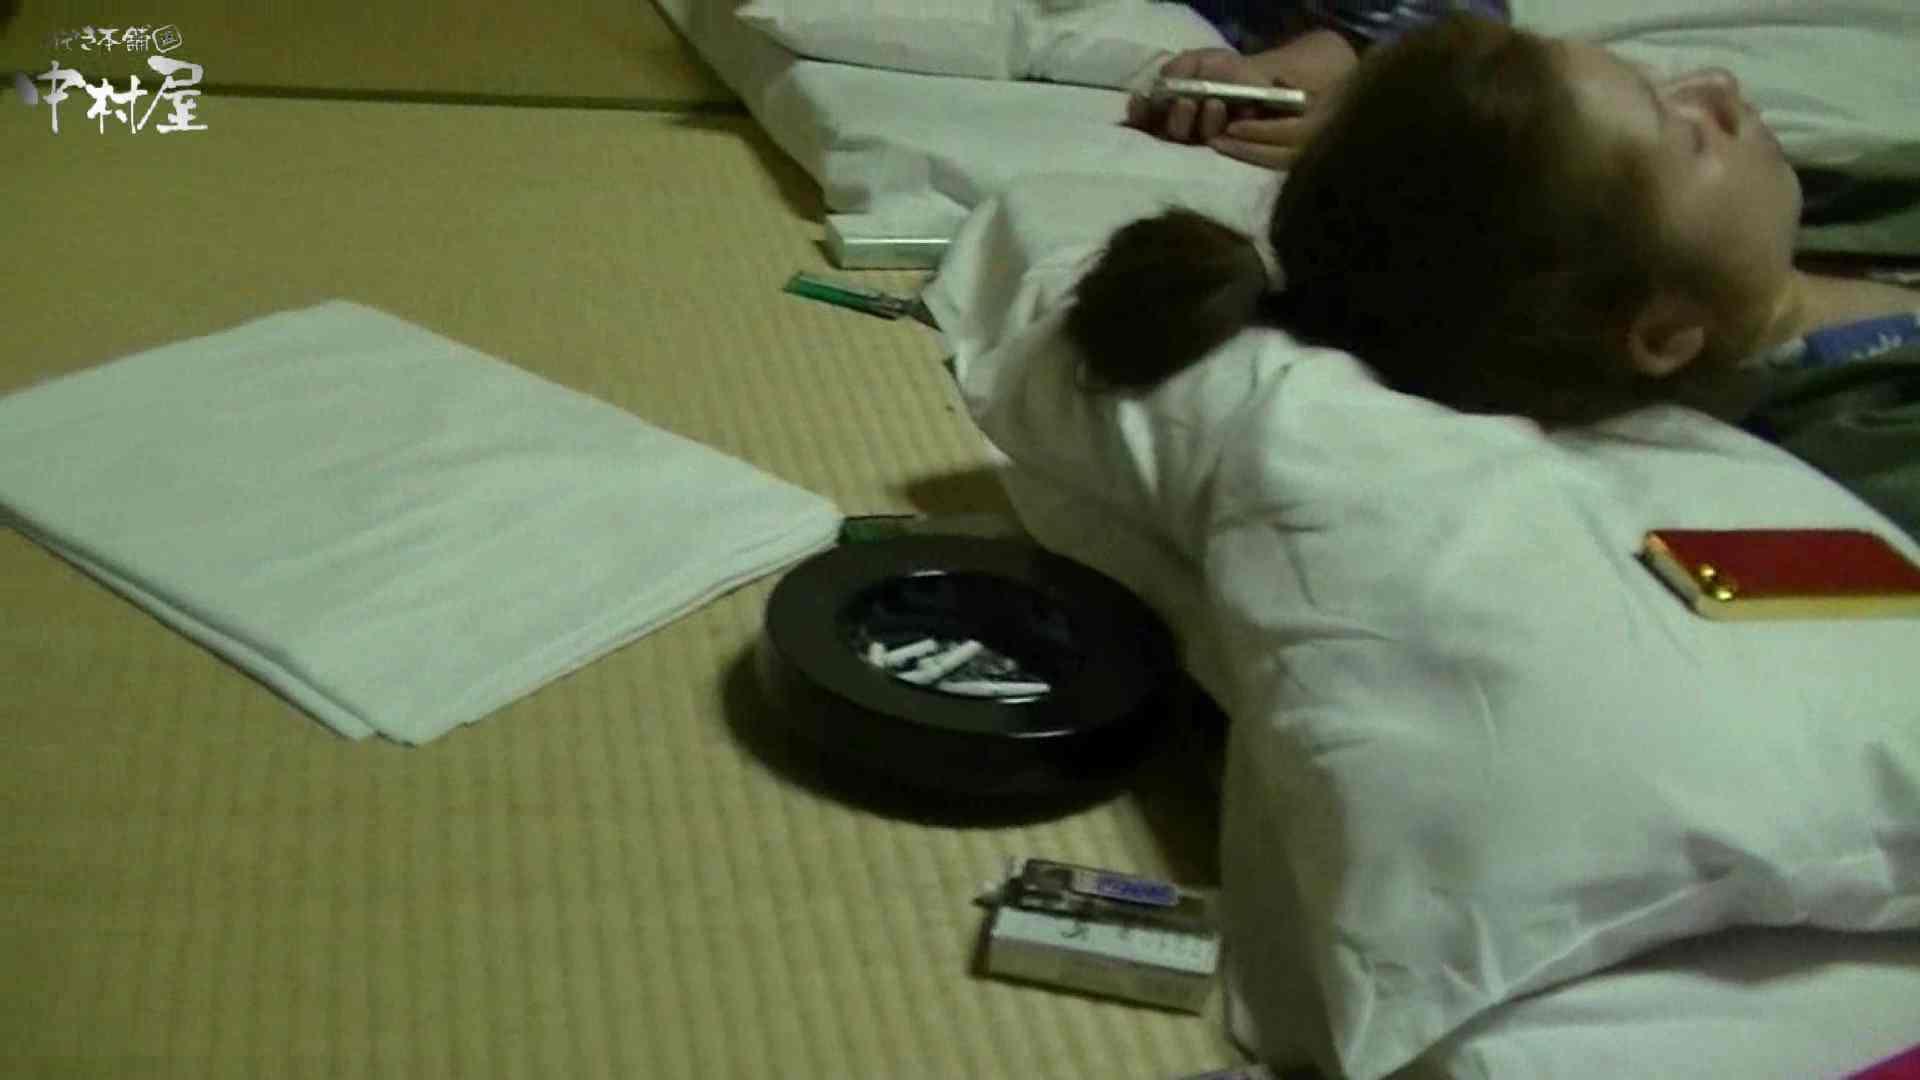 ネムリ姫 vol.38 女子大生すけべ画像 おまんこ無修正動画無料 67連発 40